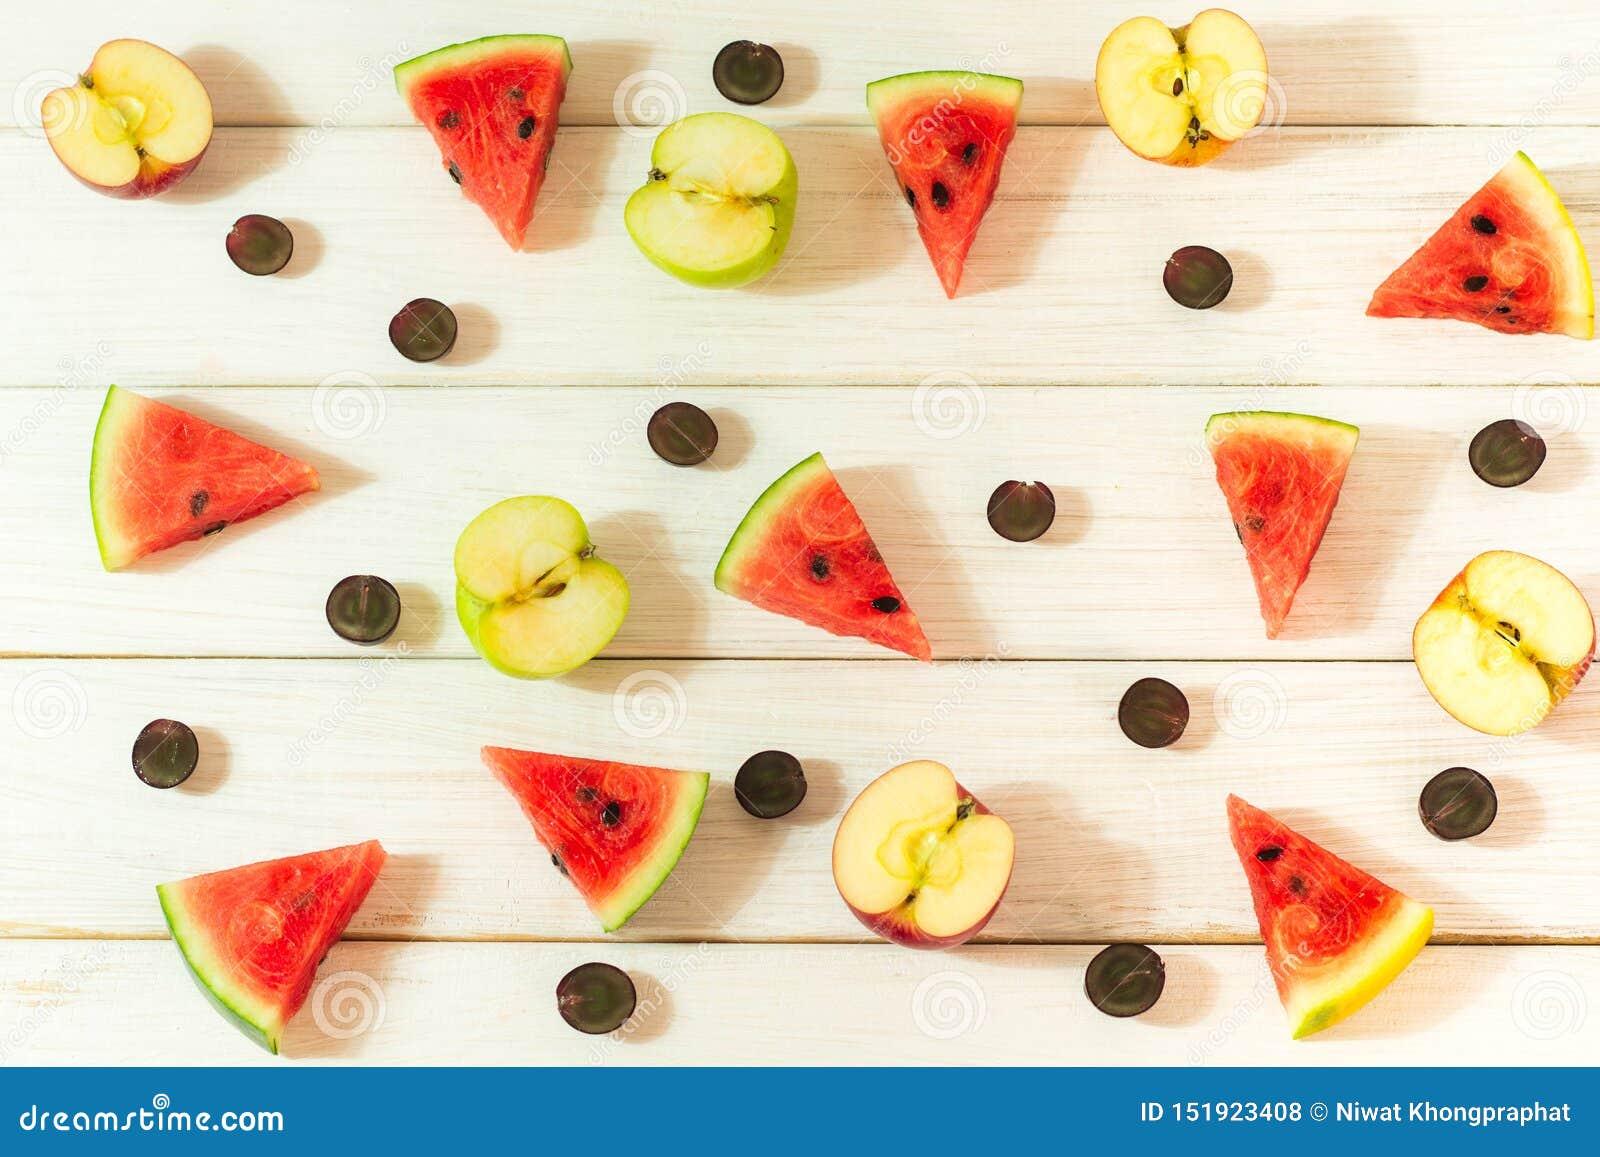 Pastèque et pommes coupées en petits morceaux